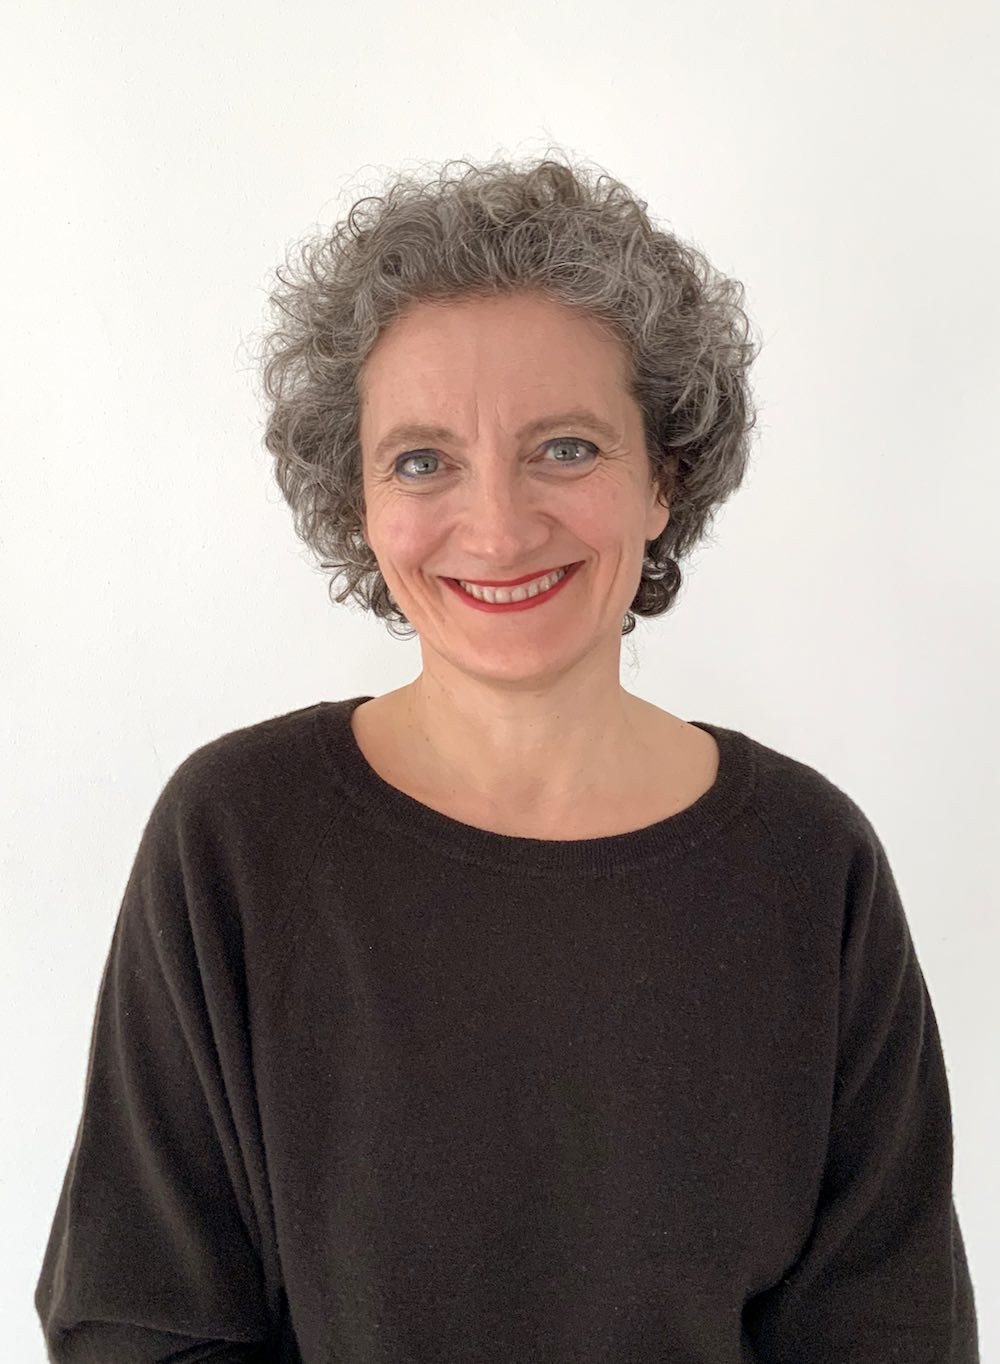 Chiara Burberi la fondatrice di Redooc, piattaforma di e-learning